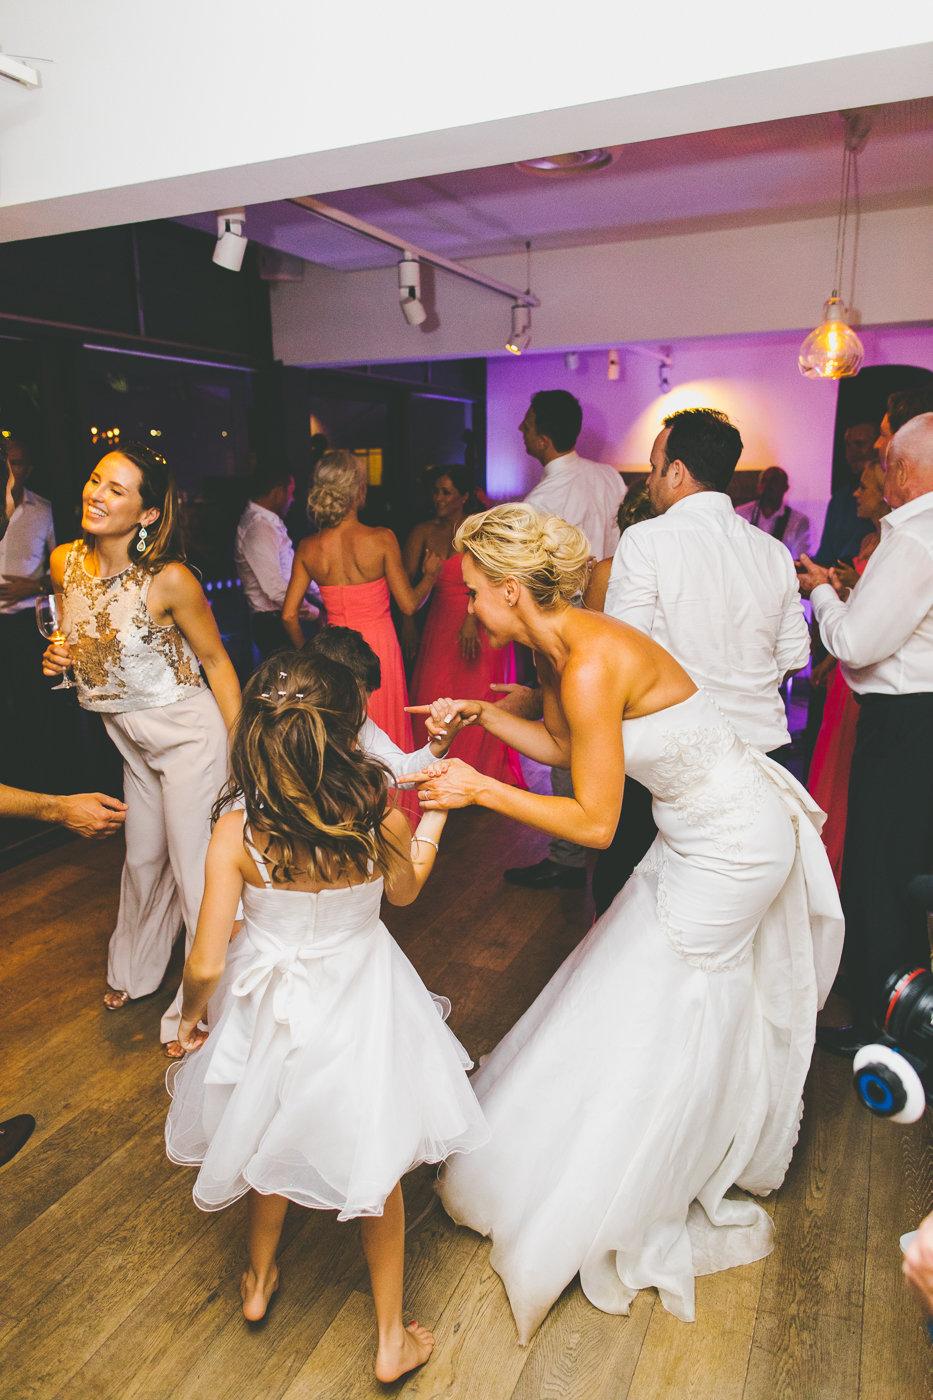 Bride Dancing at The Public Dining Room Balmoral Sydney Wedding Reception